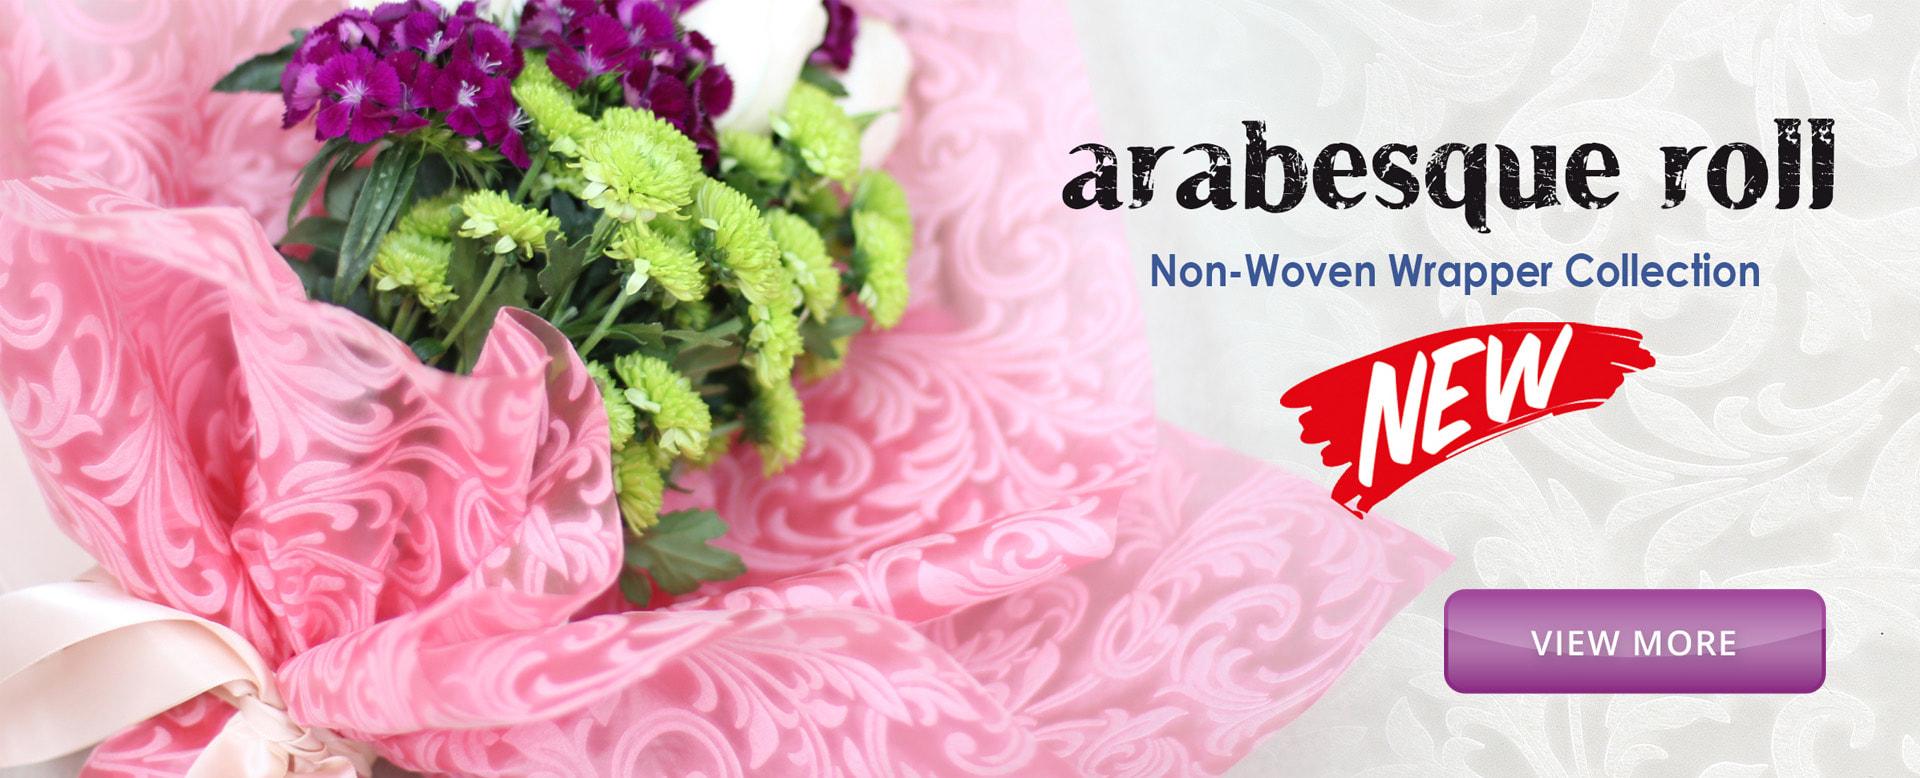 arabasque_2_orig